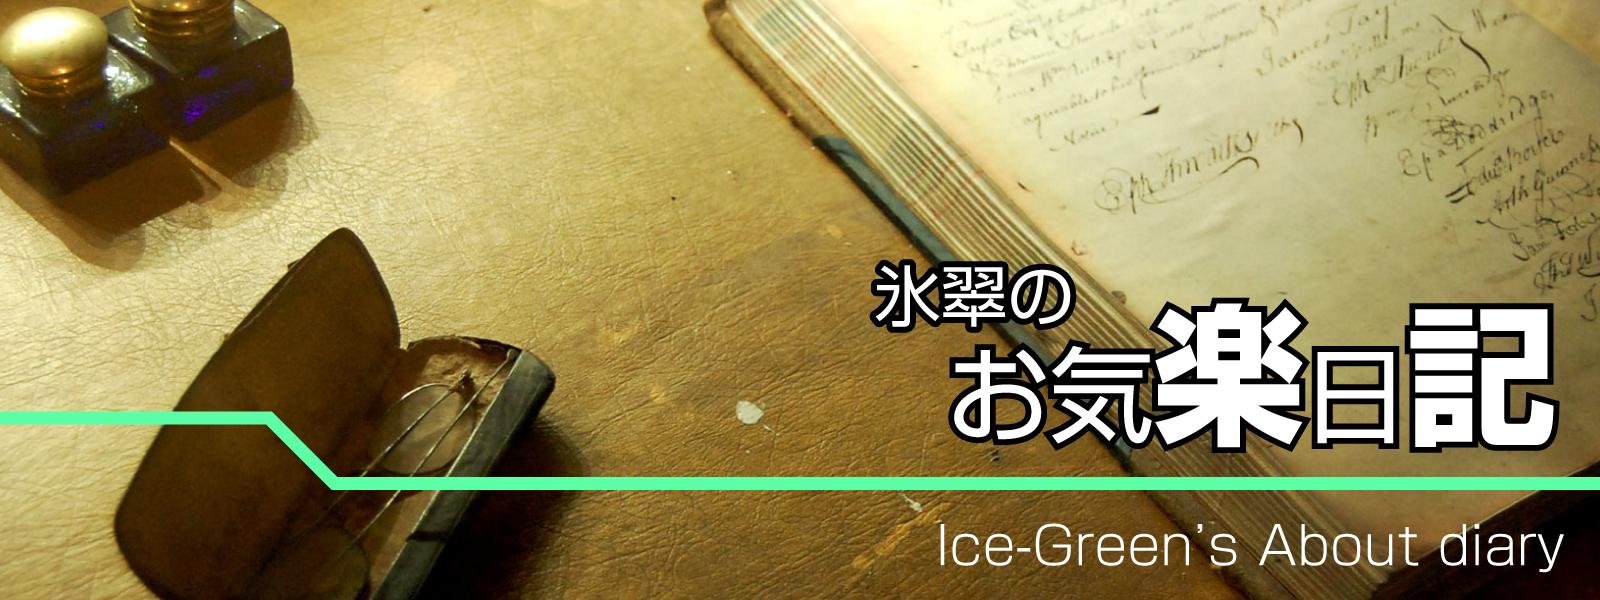 【解放区在住氷翠 緑の閃光】氷翠のお気楽日記